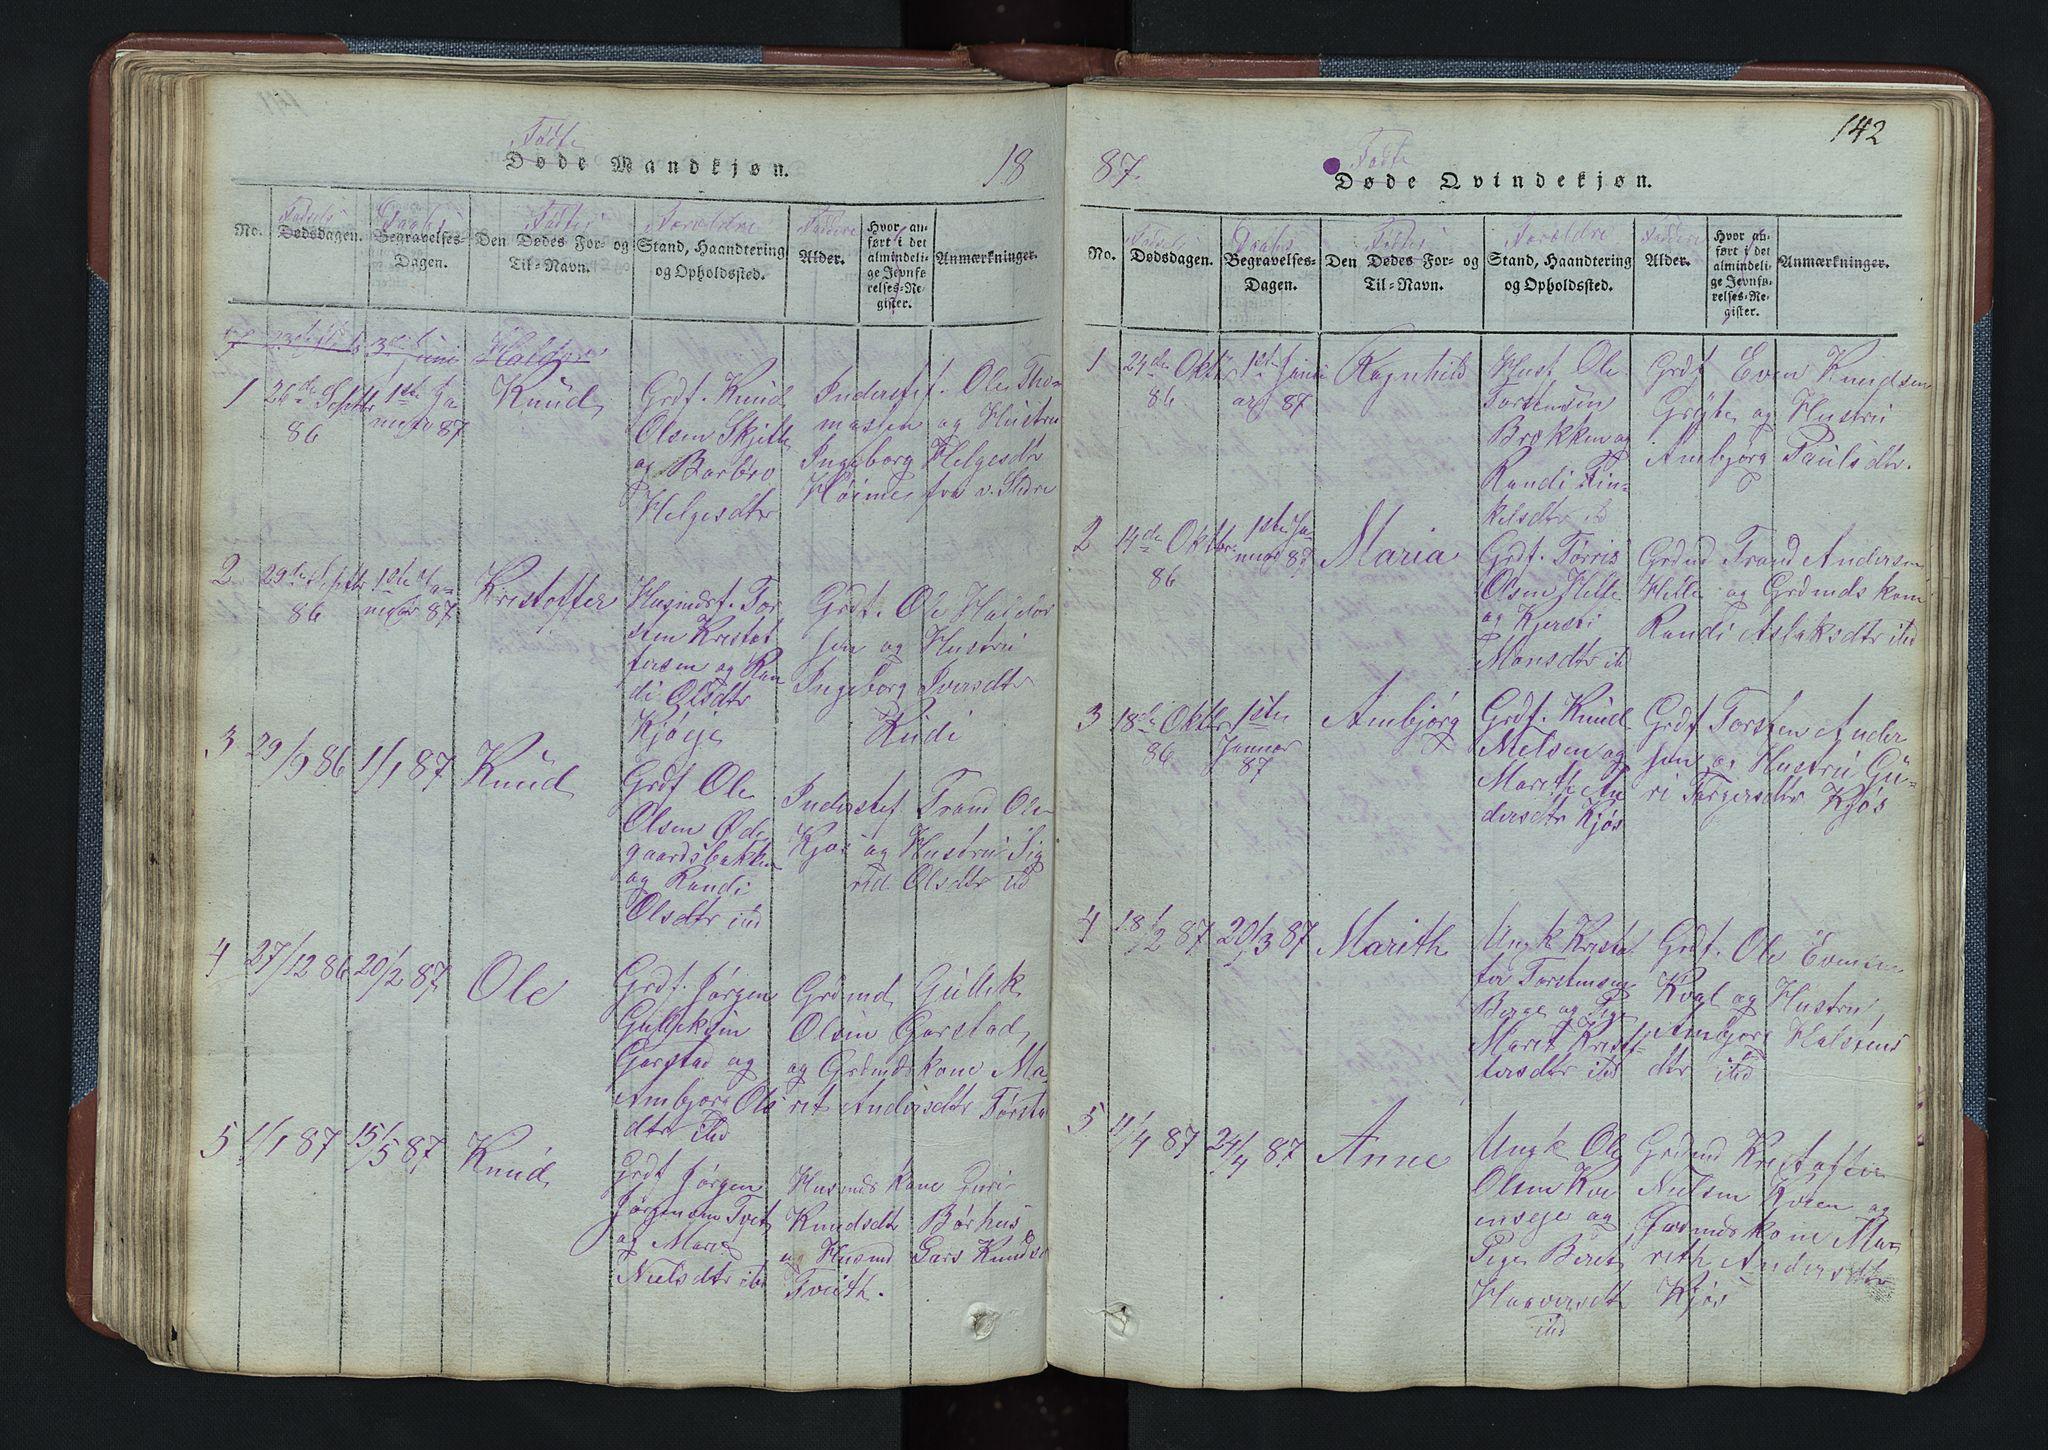 SAH, Vang prestekontor, Valdres, Klokkerbok nr. 3, 1814-1892, s. 142